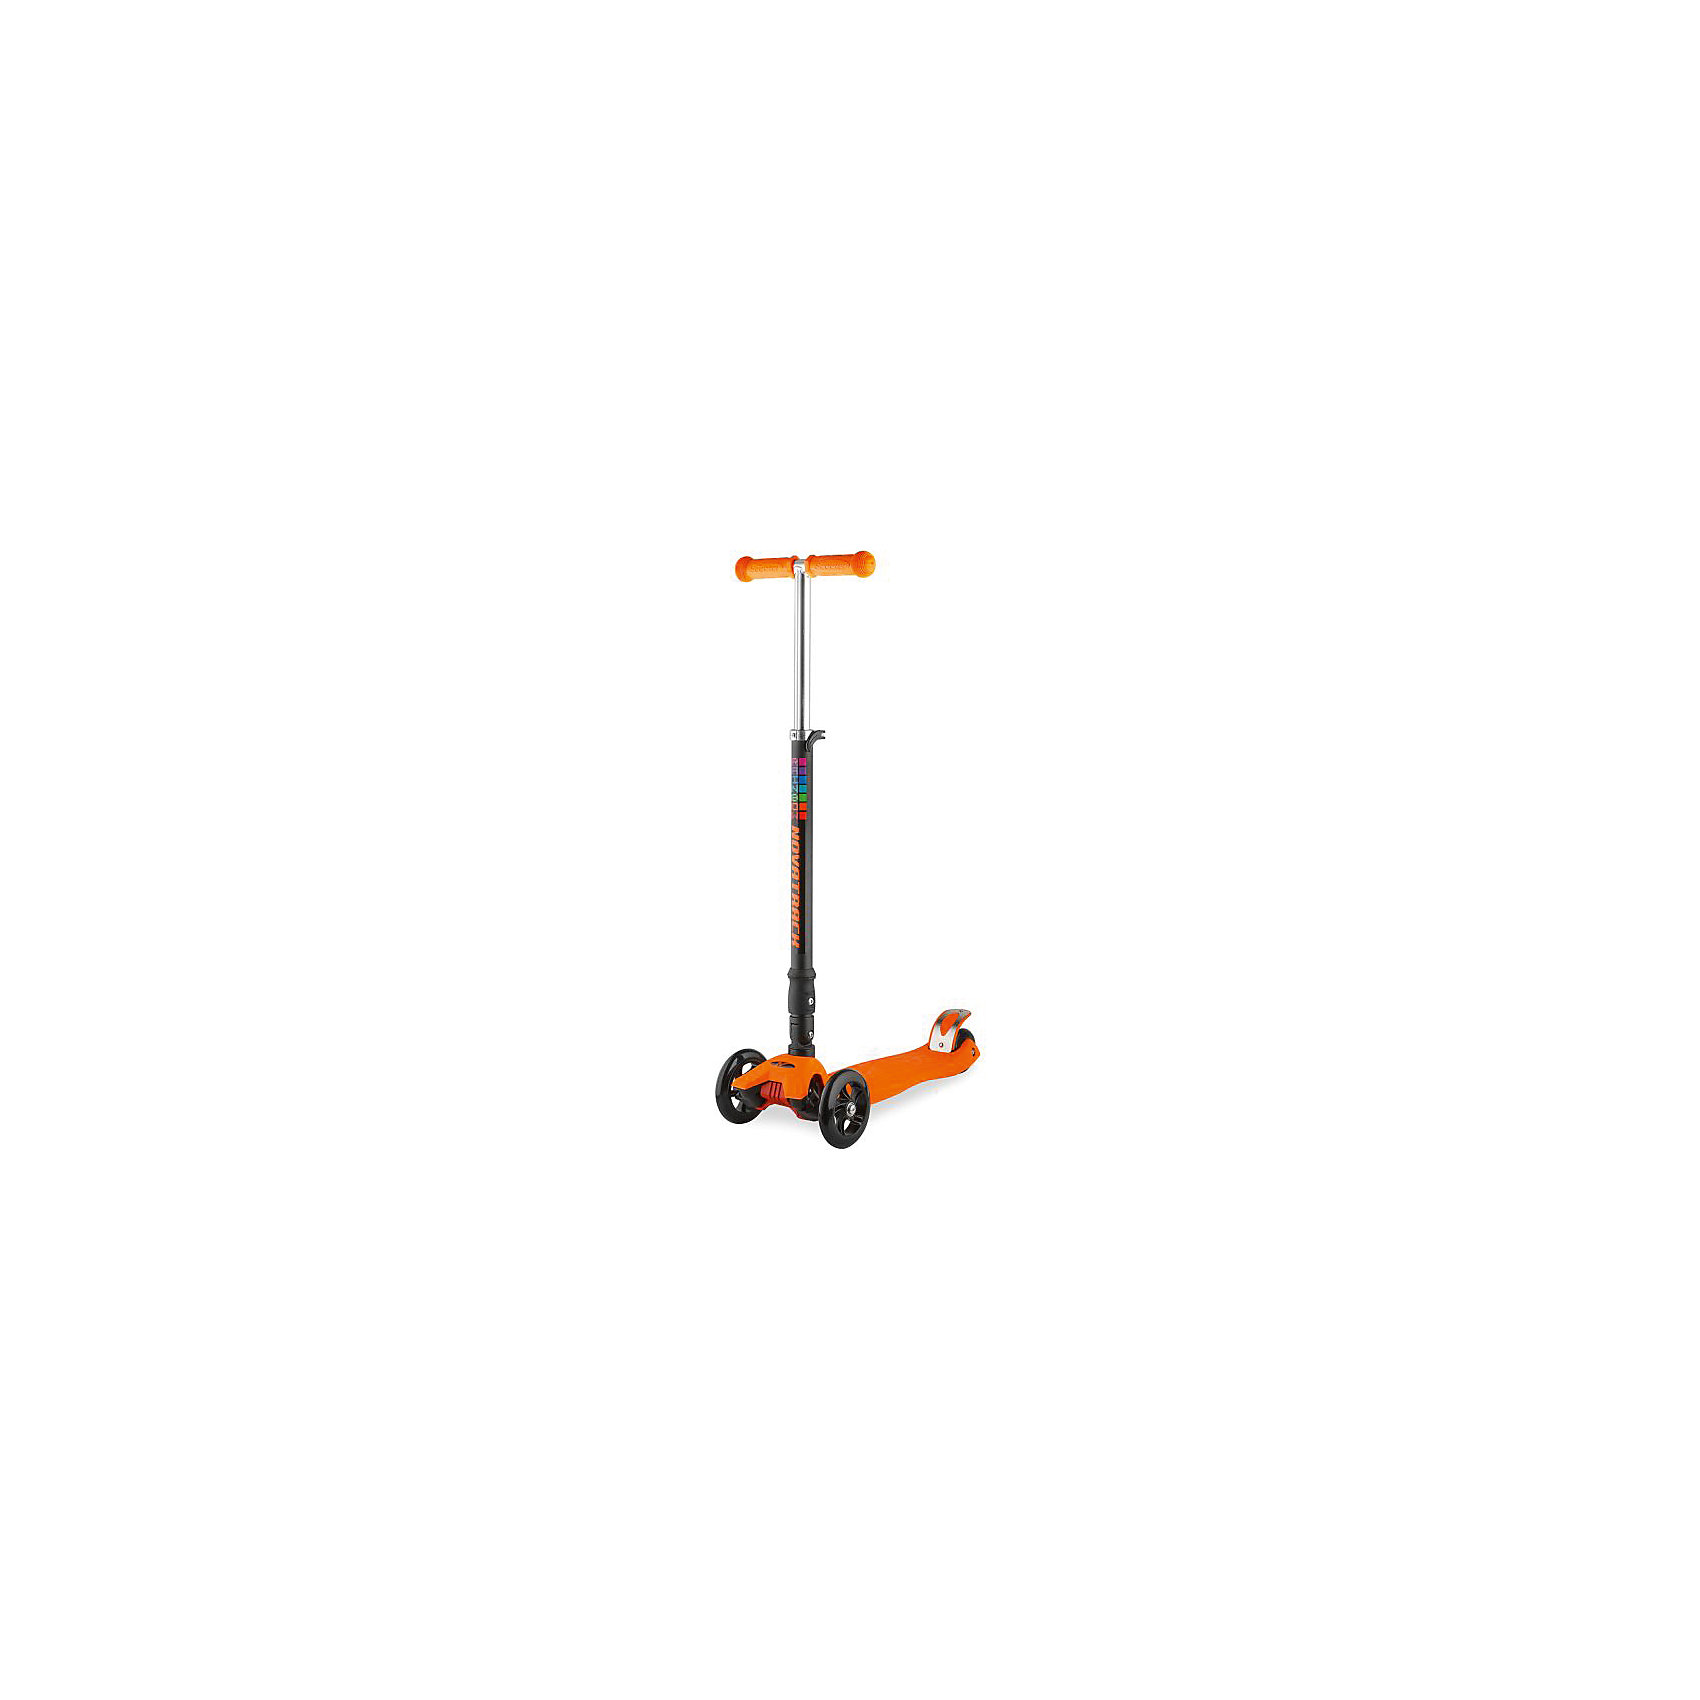 Самокат-кикборд подростковый RainBow, складной, 60 кг, оранжевый, NovatrackСамокаты<br>Характеристики товара:<br><br>• цвет: оранжевый<br>• возраст от 3 лет<br>• прорезиненные накладки на руле<br>• максимальная нагрузка до 70 кг<br>• материал: пластик, алюминий<br>• материал колес полиуретан<br>• подшипник АВЕС 7<br>• диаметр передних колес: 12 см<br>• диаметр заднего колеса: 8 см<br>• высота руля 83 см<br>• размер упаковки 60х28х15 см<br>• вес упаковки 3,245 кг<br>• страна производитель: Китай<br><br>Самокат-кикборд подростковый складной, голубой, RainBow Novatrack понравится любителям активного времяпрепровождения на свежем воздухе. Благодаря 2 передним колесам самокат отличается хорошей устойчивостью. Самокат складывается, что позволяет переносить его, брать с собой в поездки и хранить дома, не занимая много места.<br><br>Самокат изготовлен из прочного алюминия, дека выполнена из ударопрочного пластика. Специальные прорезиненные накладки на руле не дают ладошкам соскальзывать во время катания. Подшипник обеспечивает бесшумную и ровную езду.<br><br>Самокат-кикборд подростковый складной, голубой, RainBow Novatrack  можно приобрести в нашем интернет-магазине.<br><br>Ширина мм: 600<br>Глубина мм: 150<br>Высота мм: 280<br>Вес г: 3245<br>Возраст от месяцев: 36<br>Возраст до месяцев: 2147483647<br>Пол: Унисекс<br>Возраст: Детский<br>SKU: 5528454